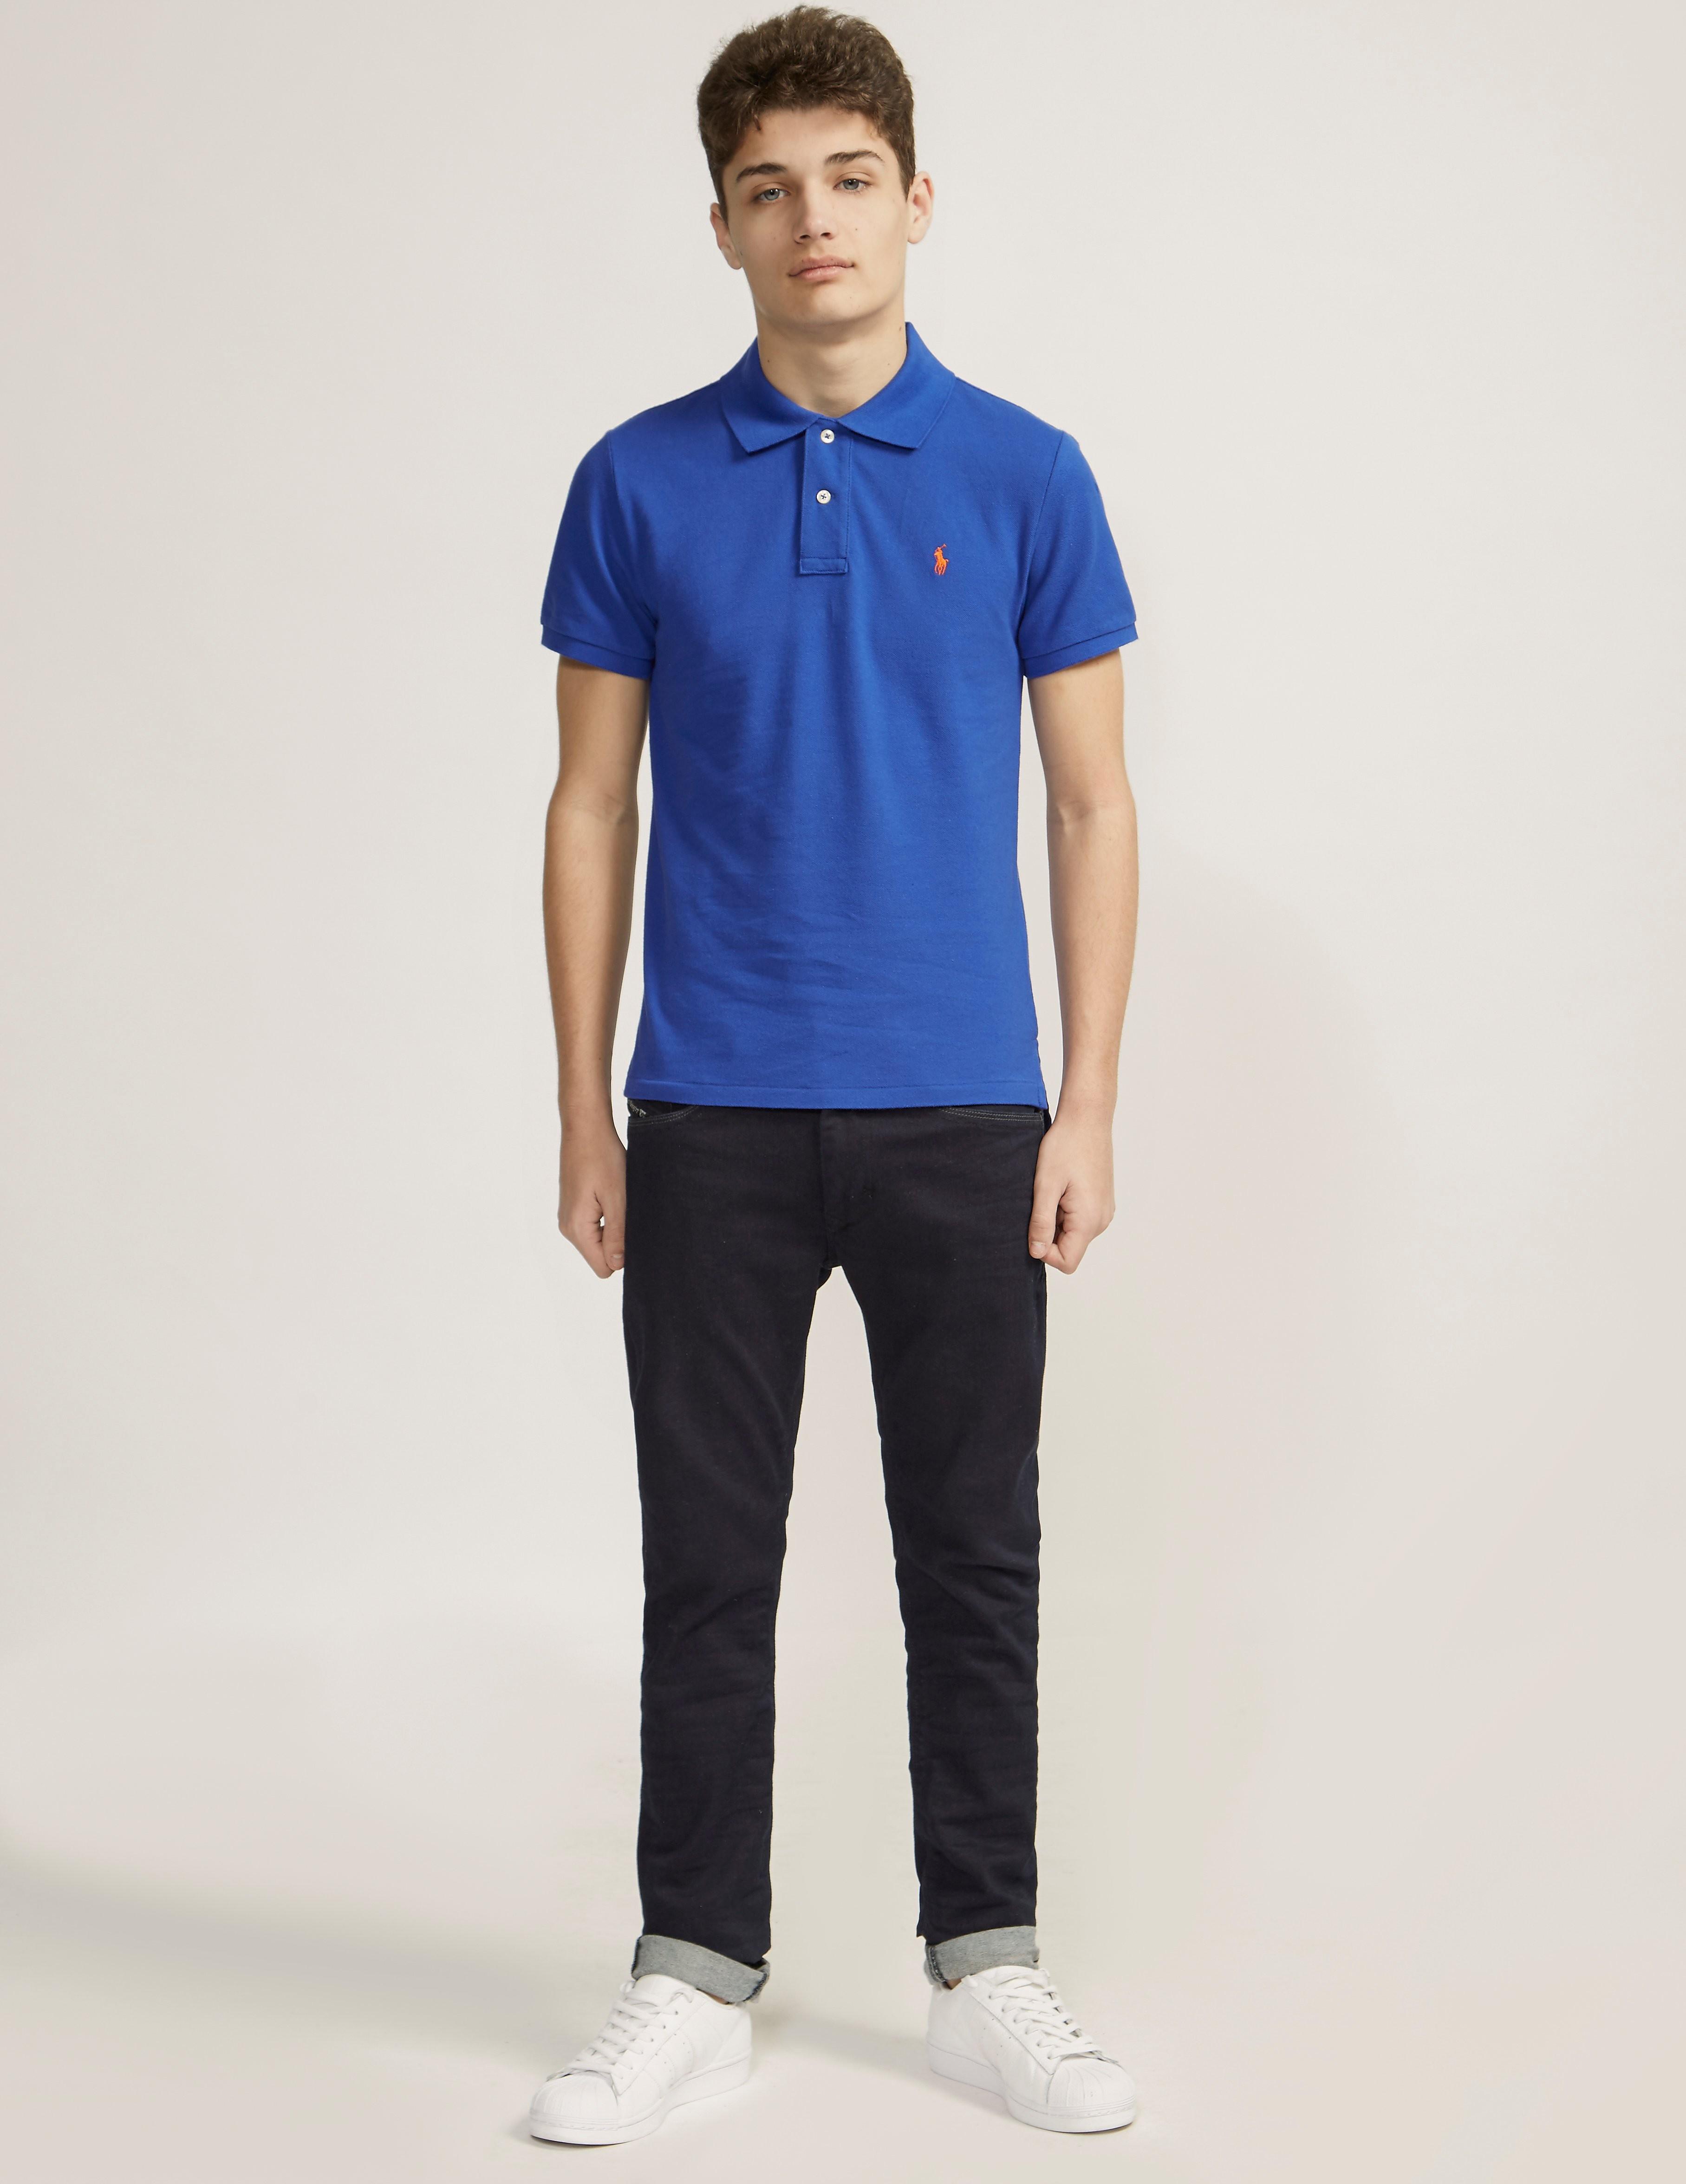 Polo Ralph Lauren Kids' Short Sleeve Polo Shirt